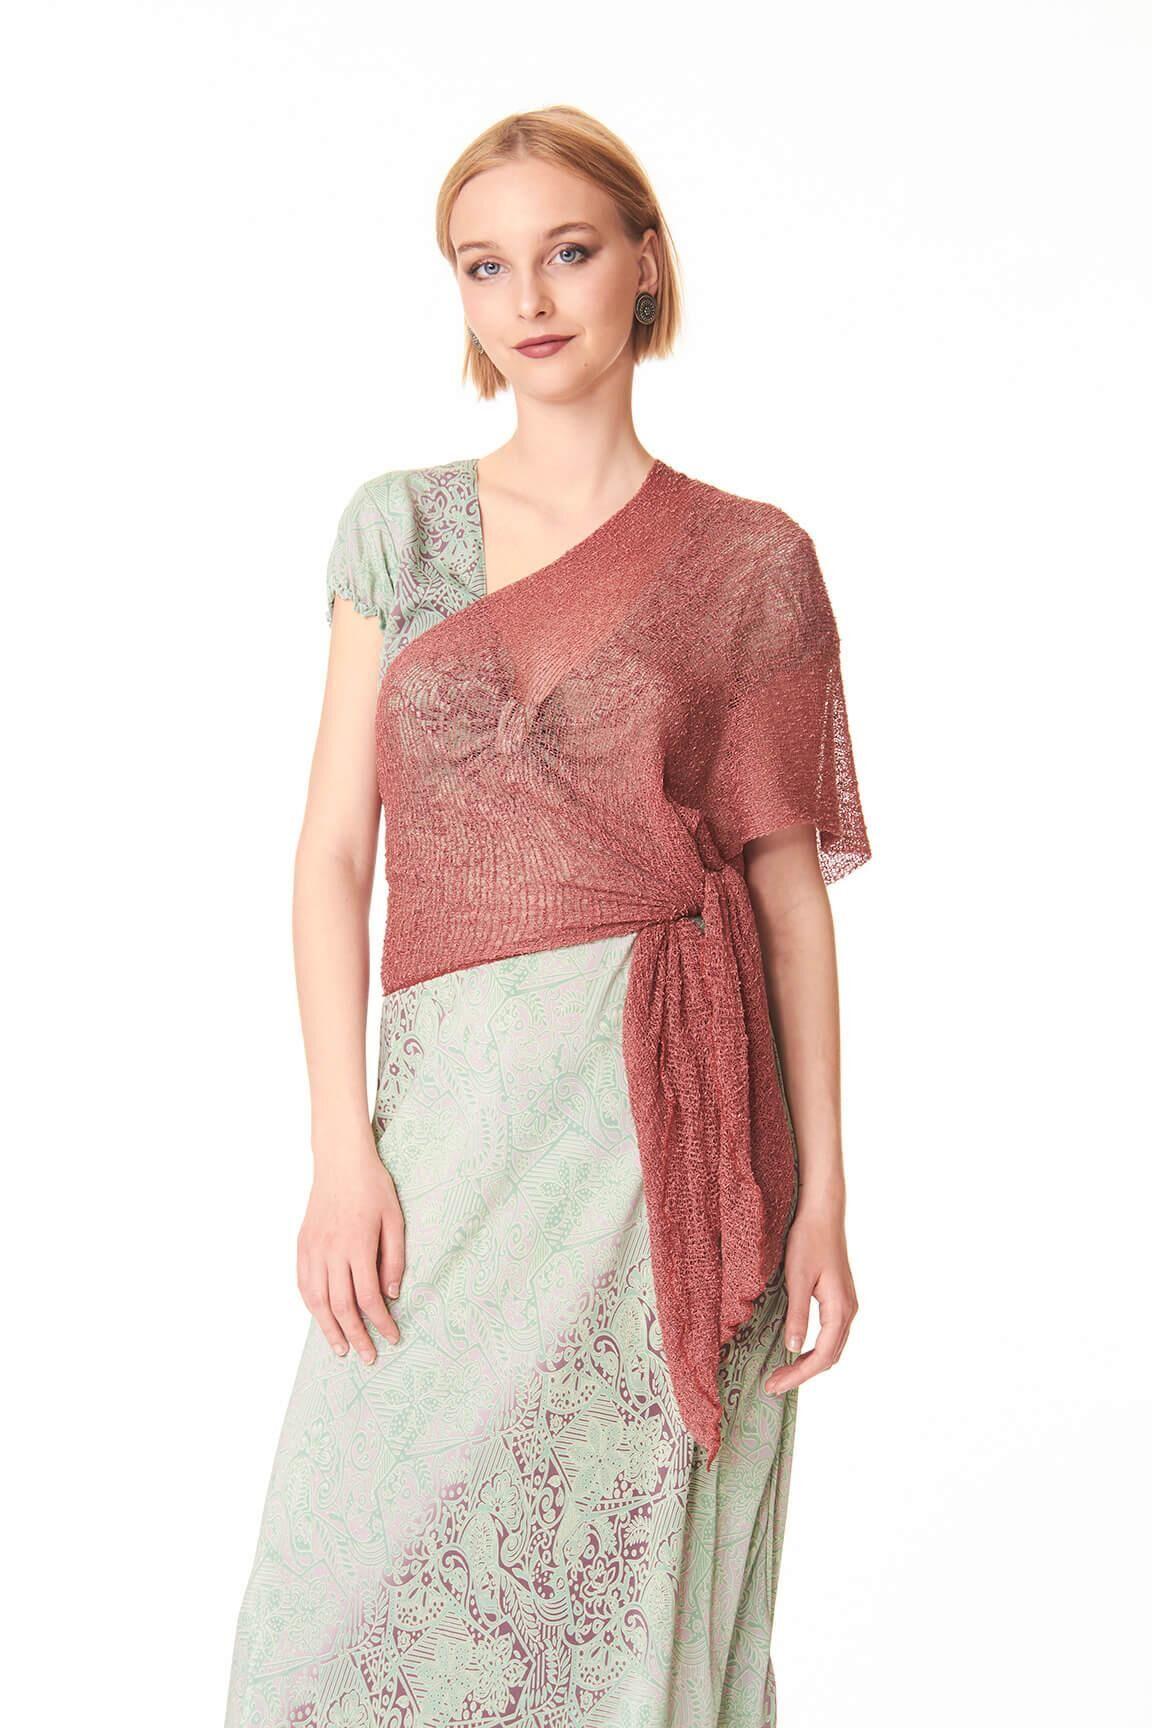 Controcorrente Group Ponchetto Rosa Antico   Accessori moda originali